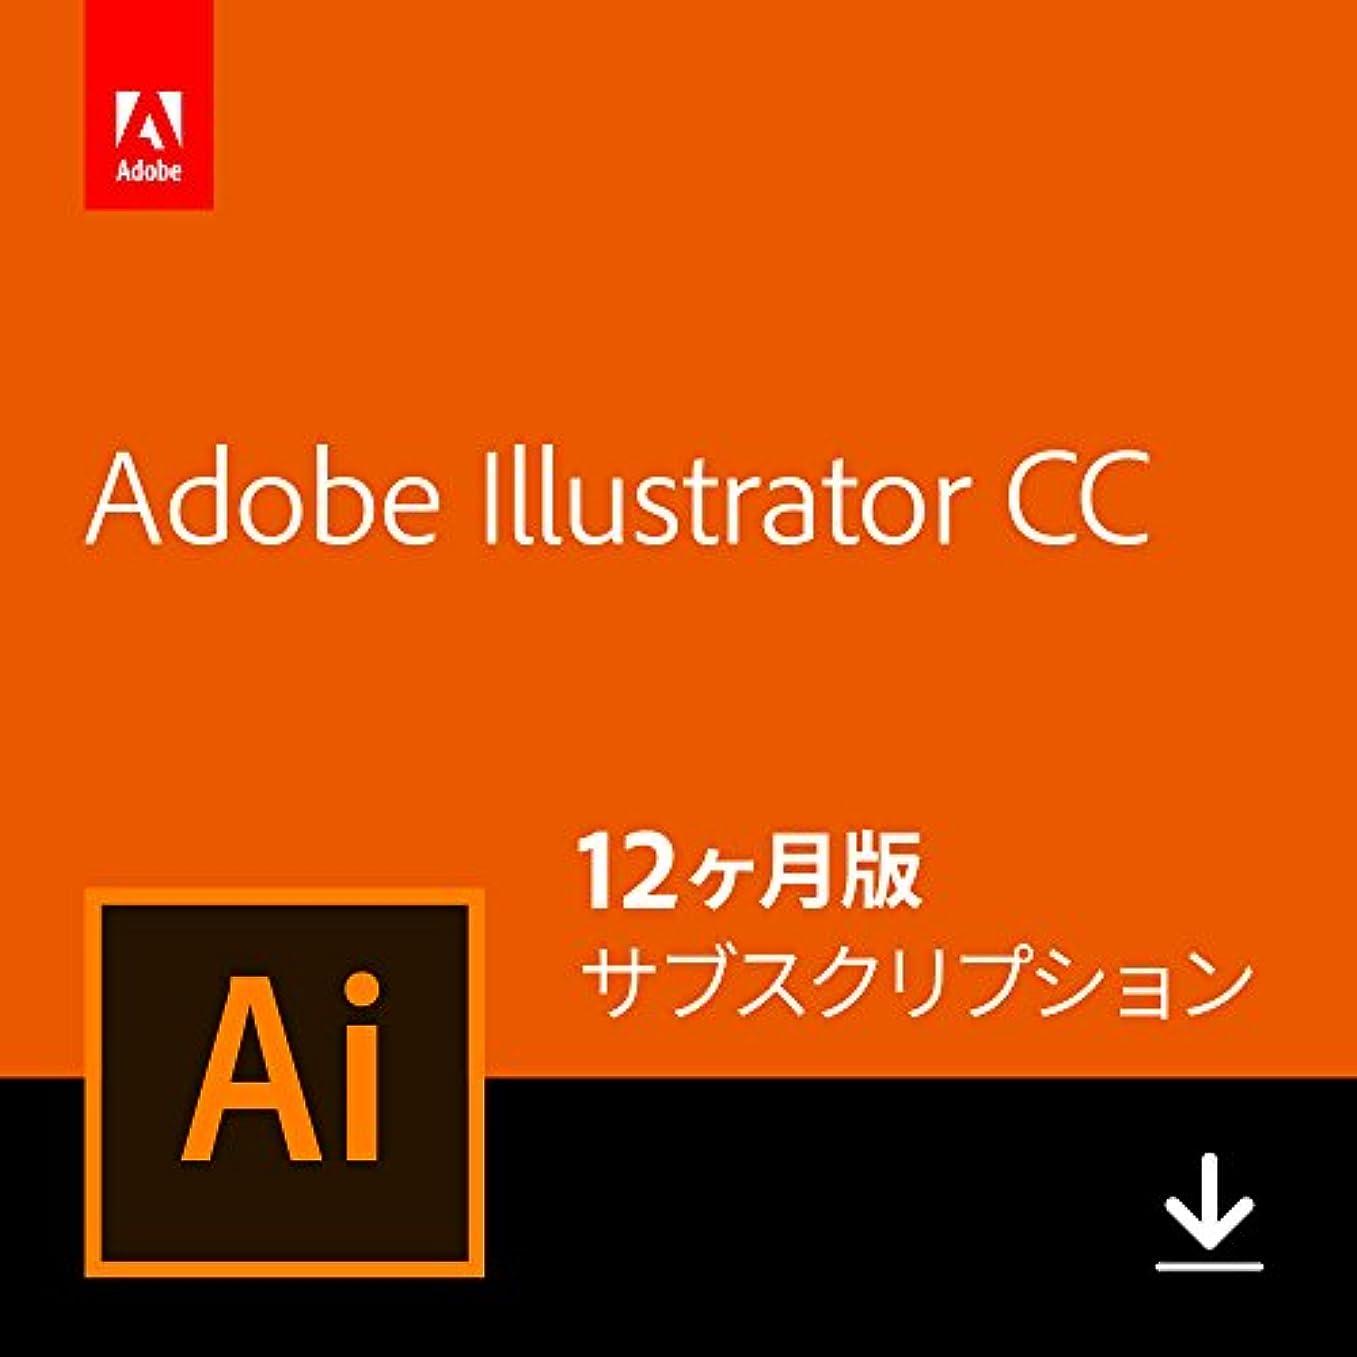 血まみれ想定好ましいAdobe Illustrator CC|12か月版|Windows/Mac対応|オンラインコード版